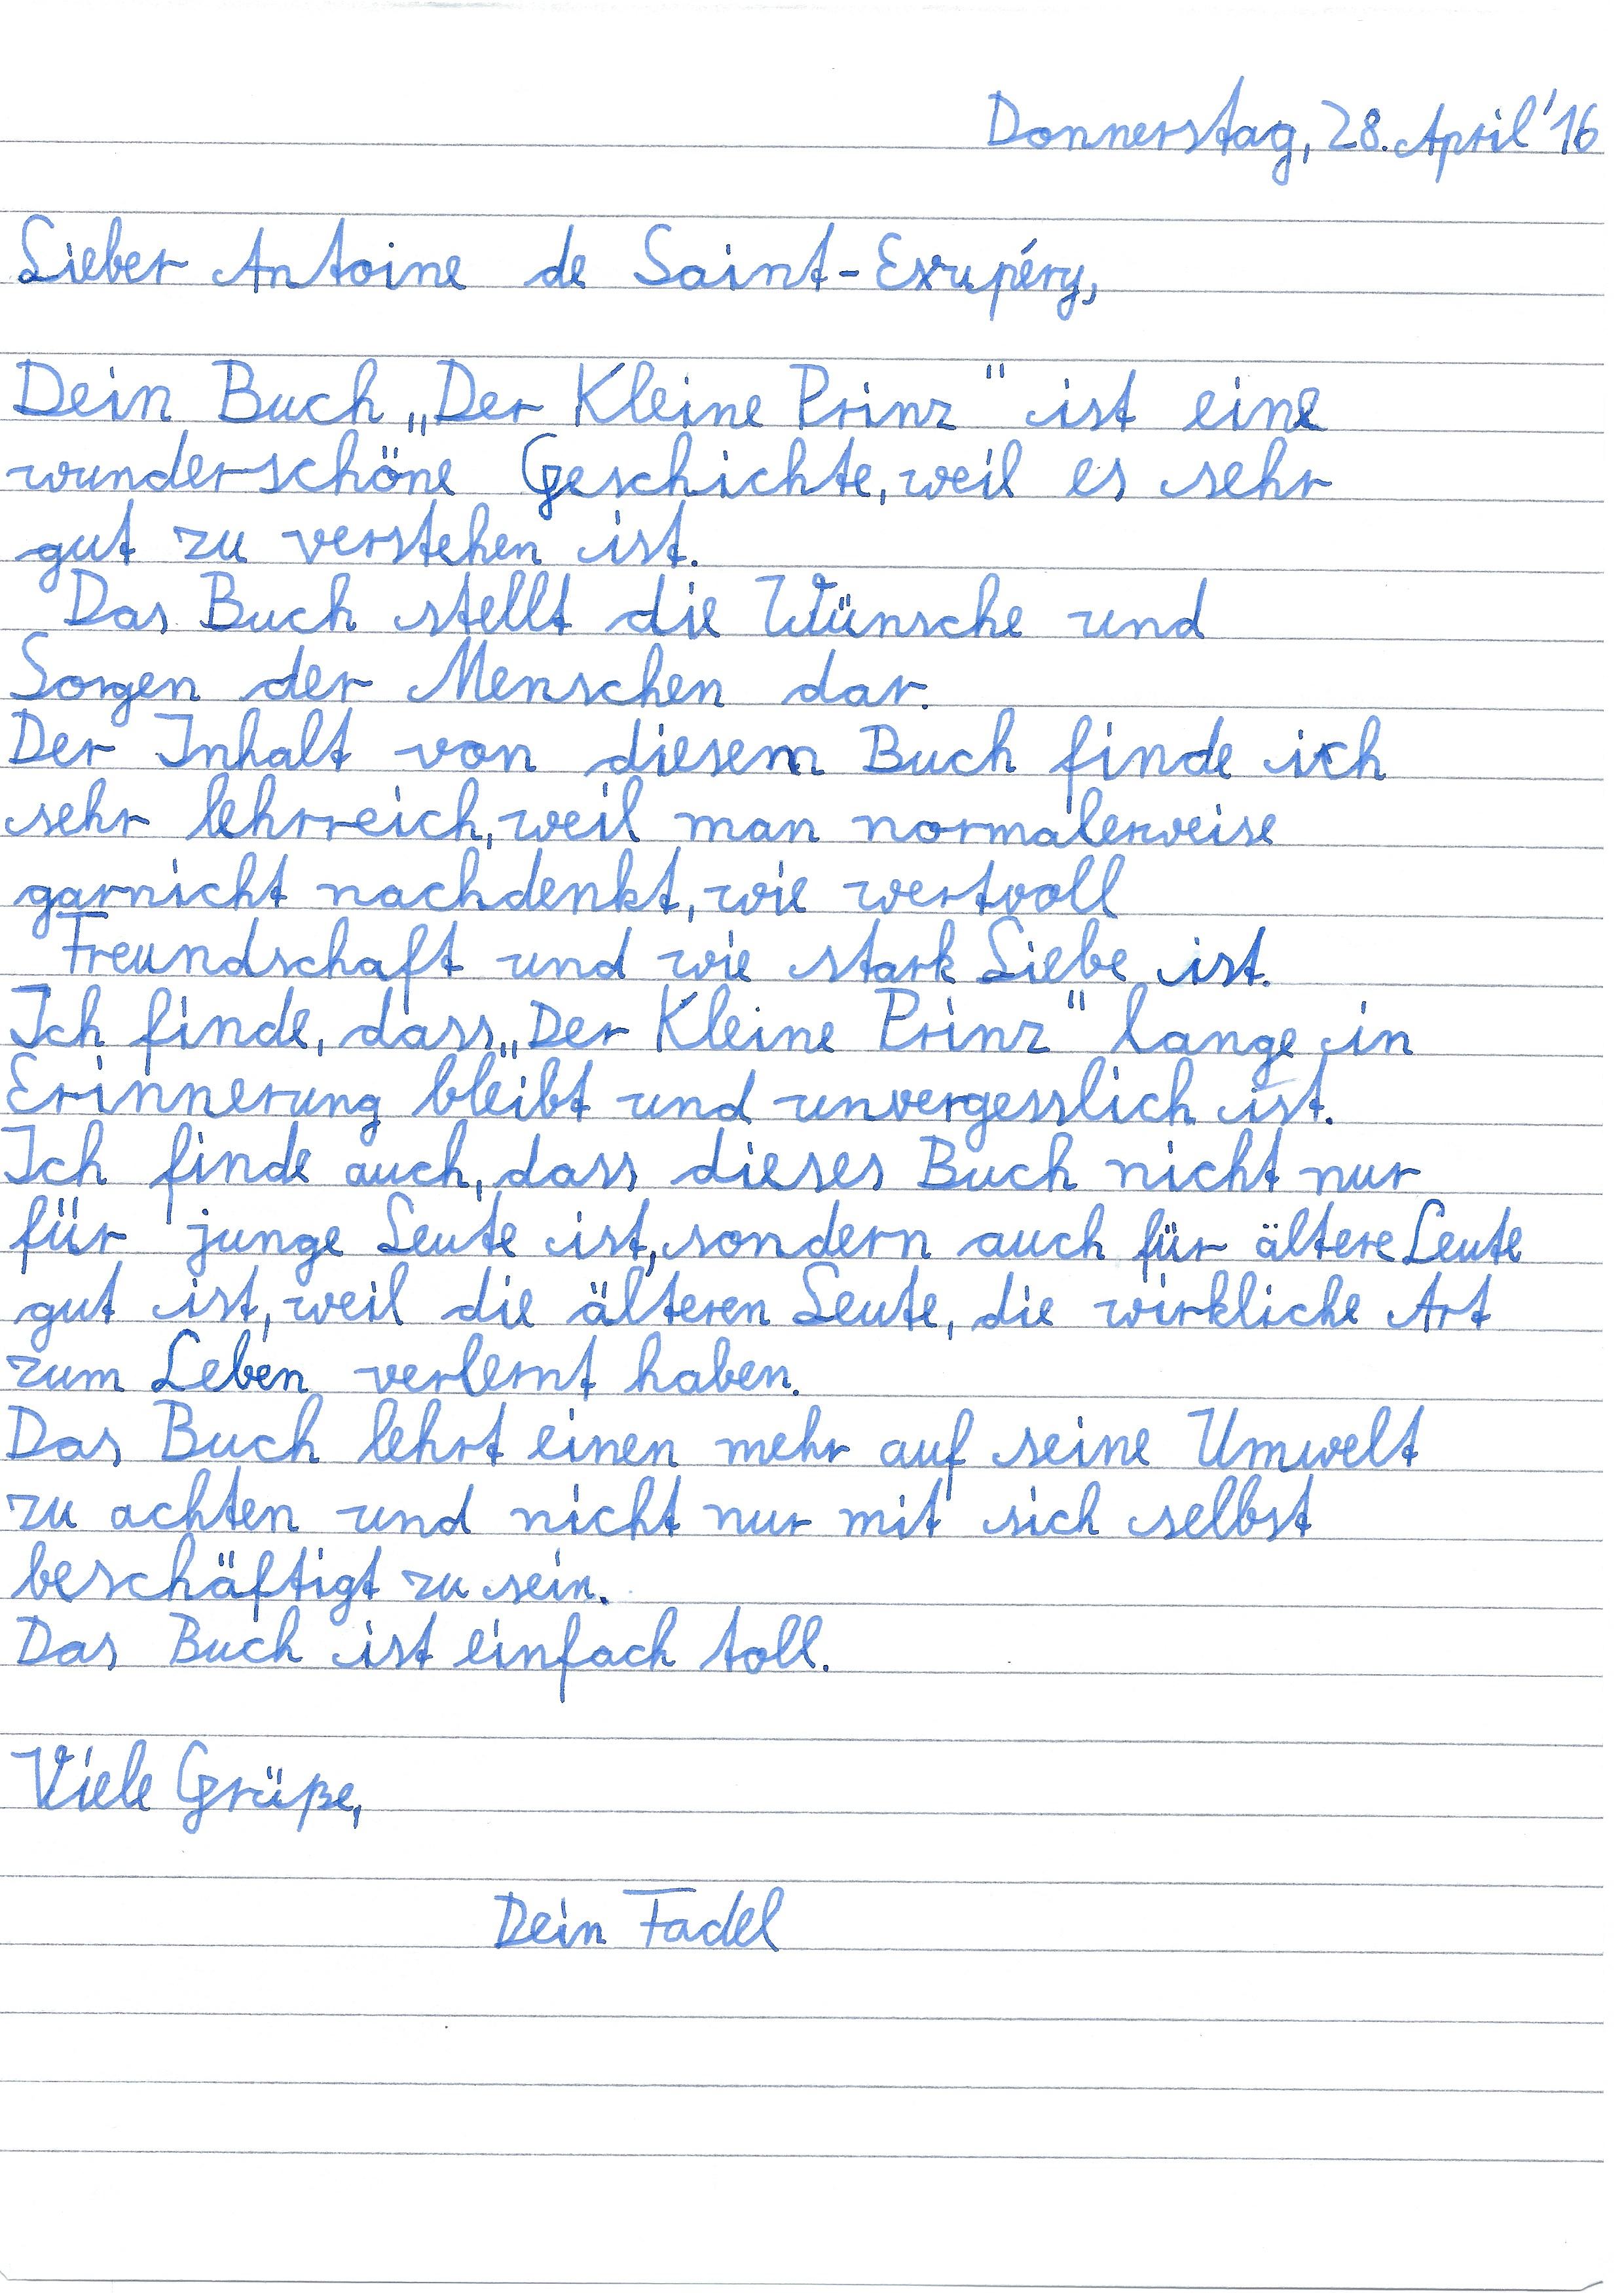 Einstieg Briefe Schreiben Grundschule : Die klasse a und der kleine prinz richard grundschule